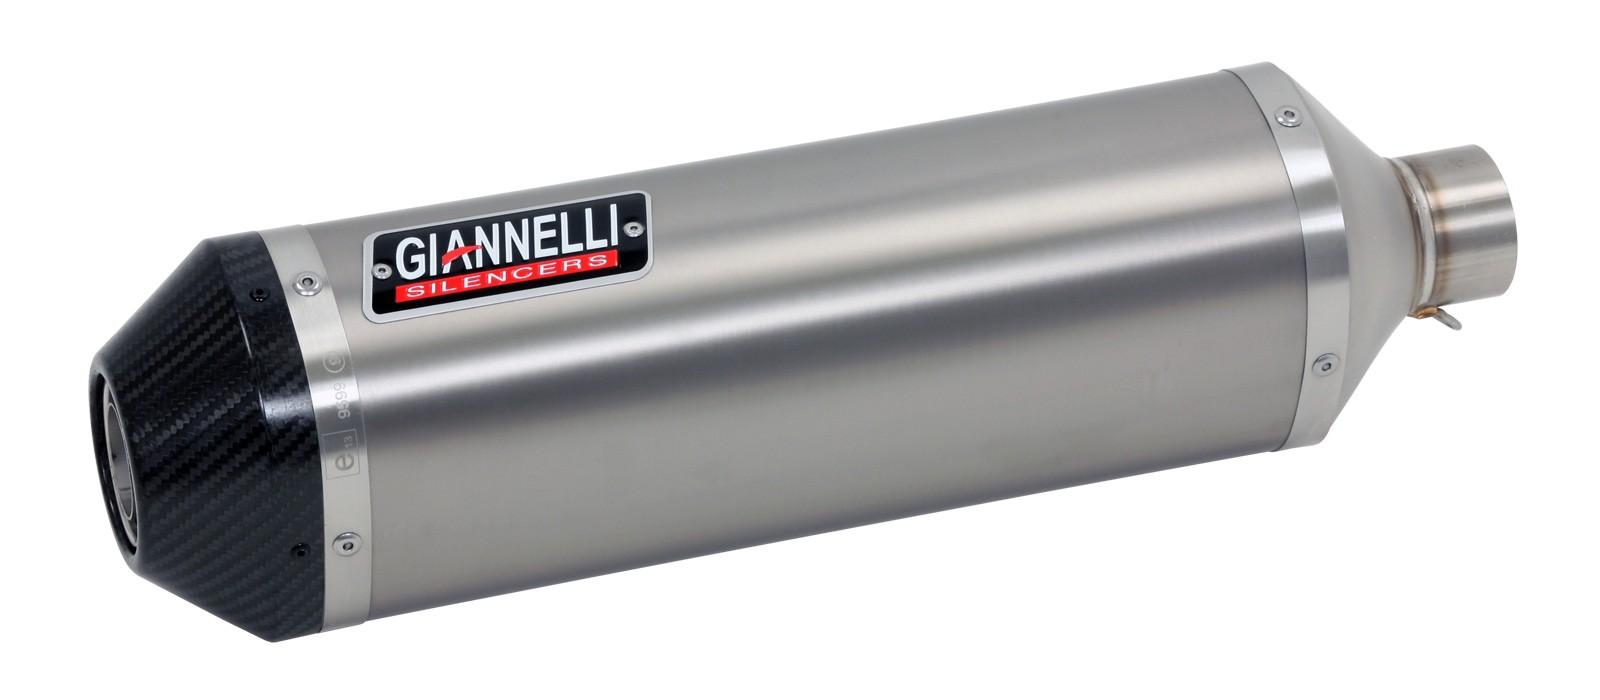 ESCAPES GIANNELLI SUZUKI - Sistema completo IPERSPORT Silenciador aluminio Suzuki DL 650 V-STROM Giannelli 73781A6K -